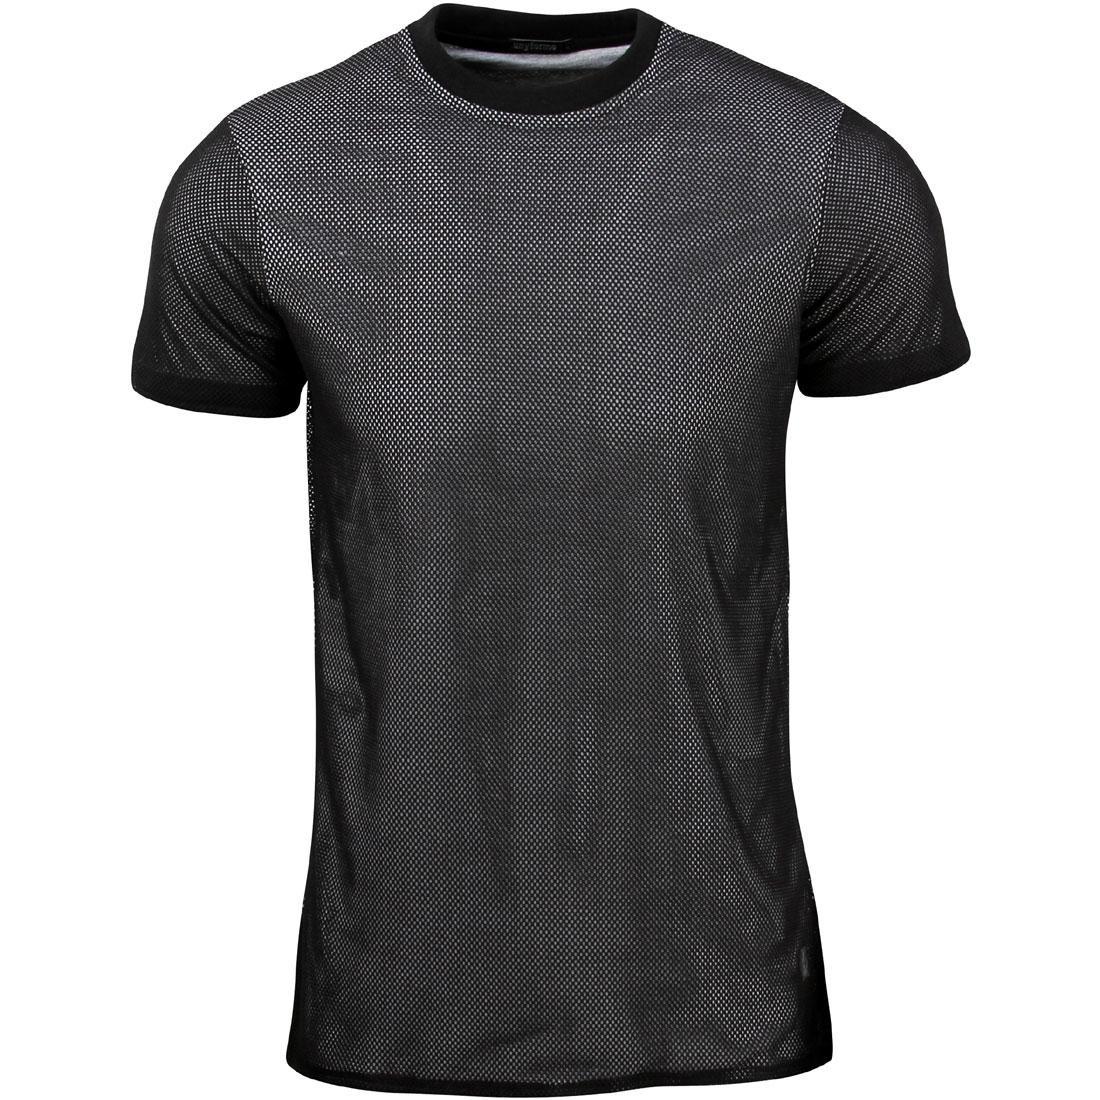 【海外限定】ニット Tシャツ メンズファッション【 TEE UNYFORME MEN HOLY KNIT MEN Tシャツ TEE BLACK】, インクモール:12889226 --- officewill.xsrv.jp